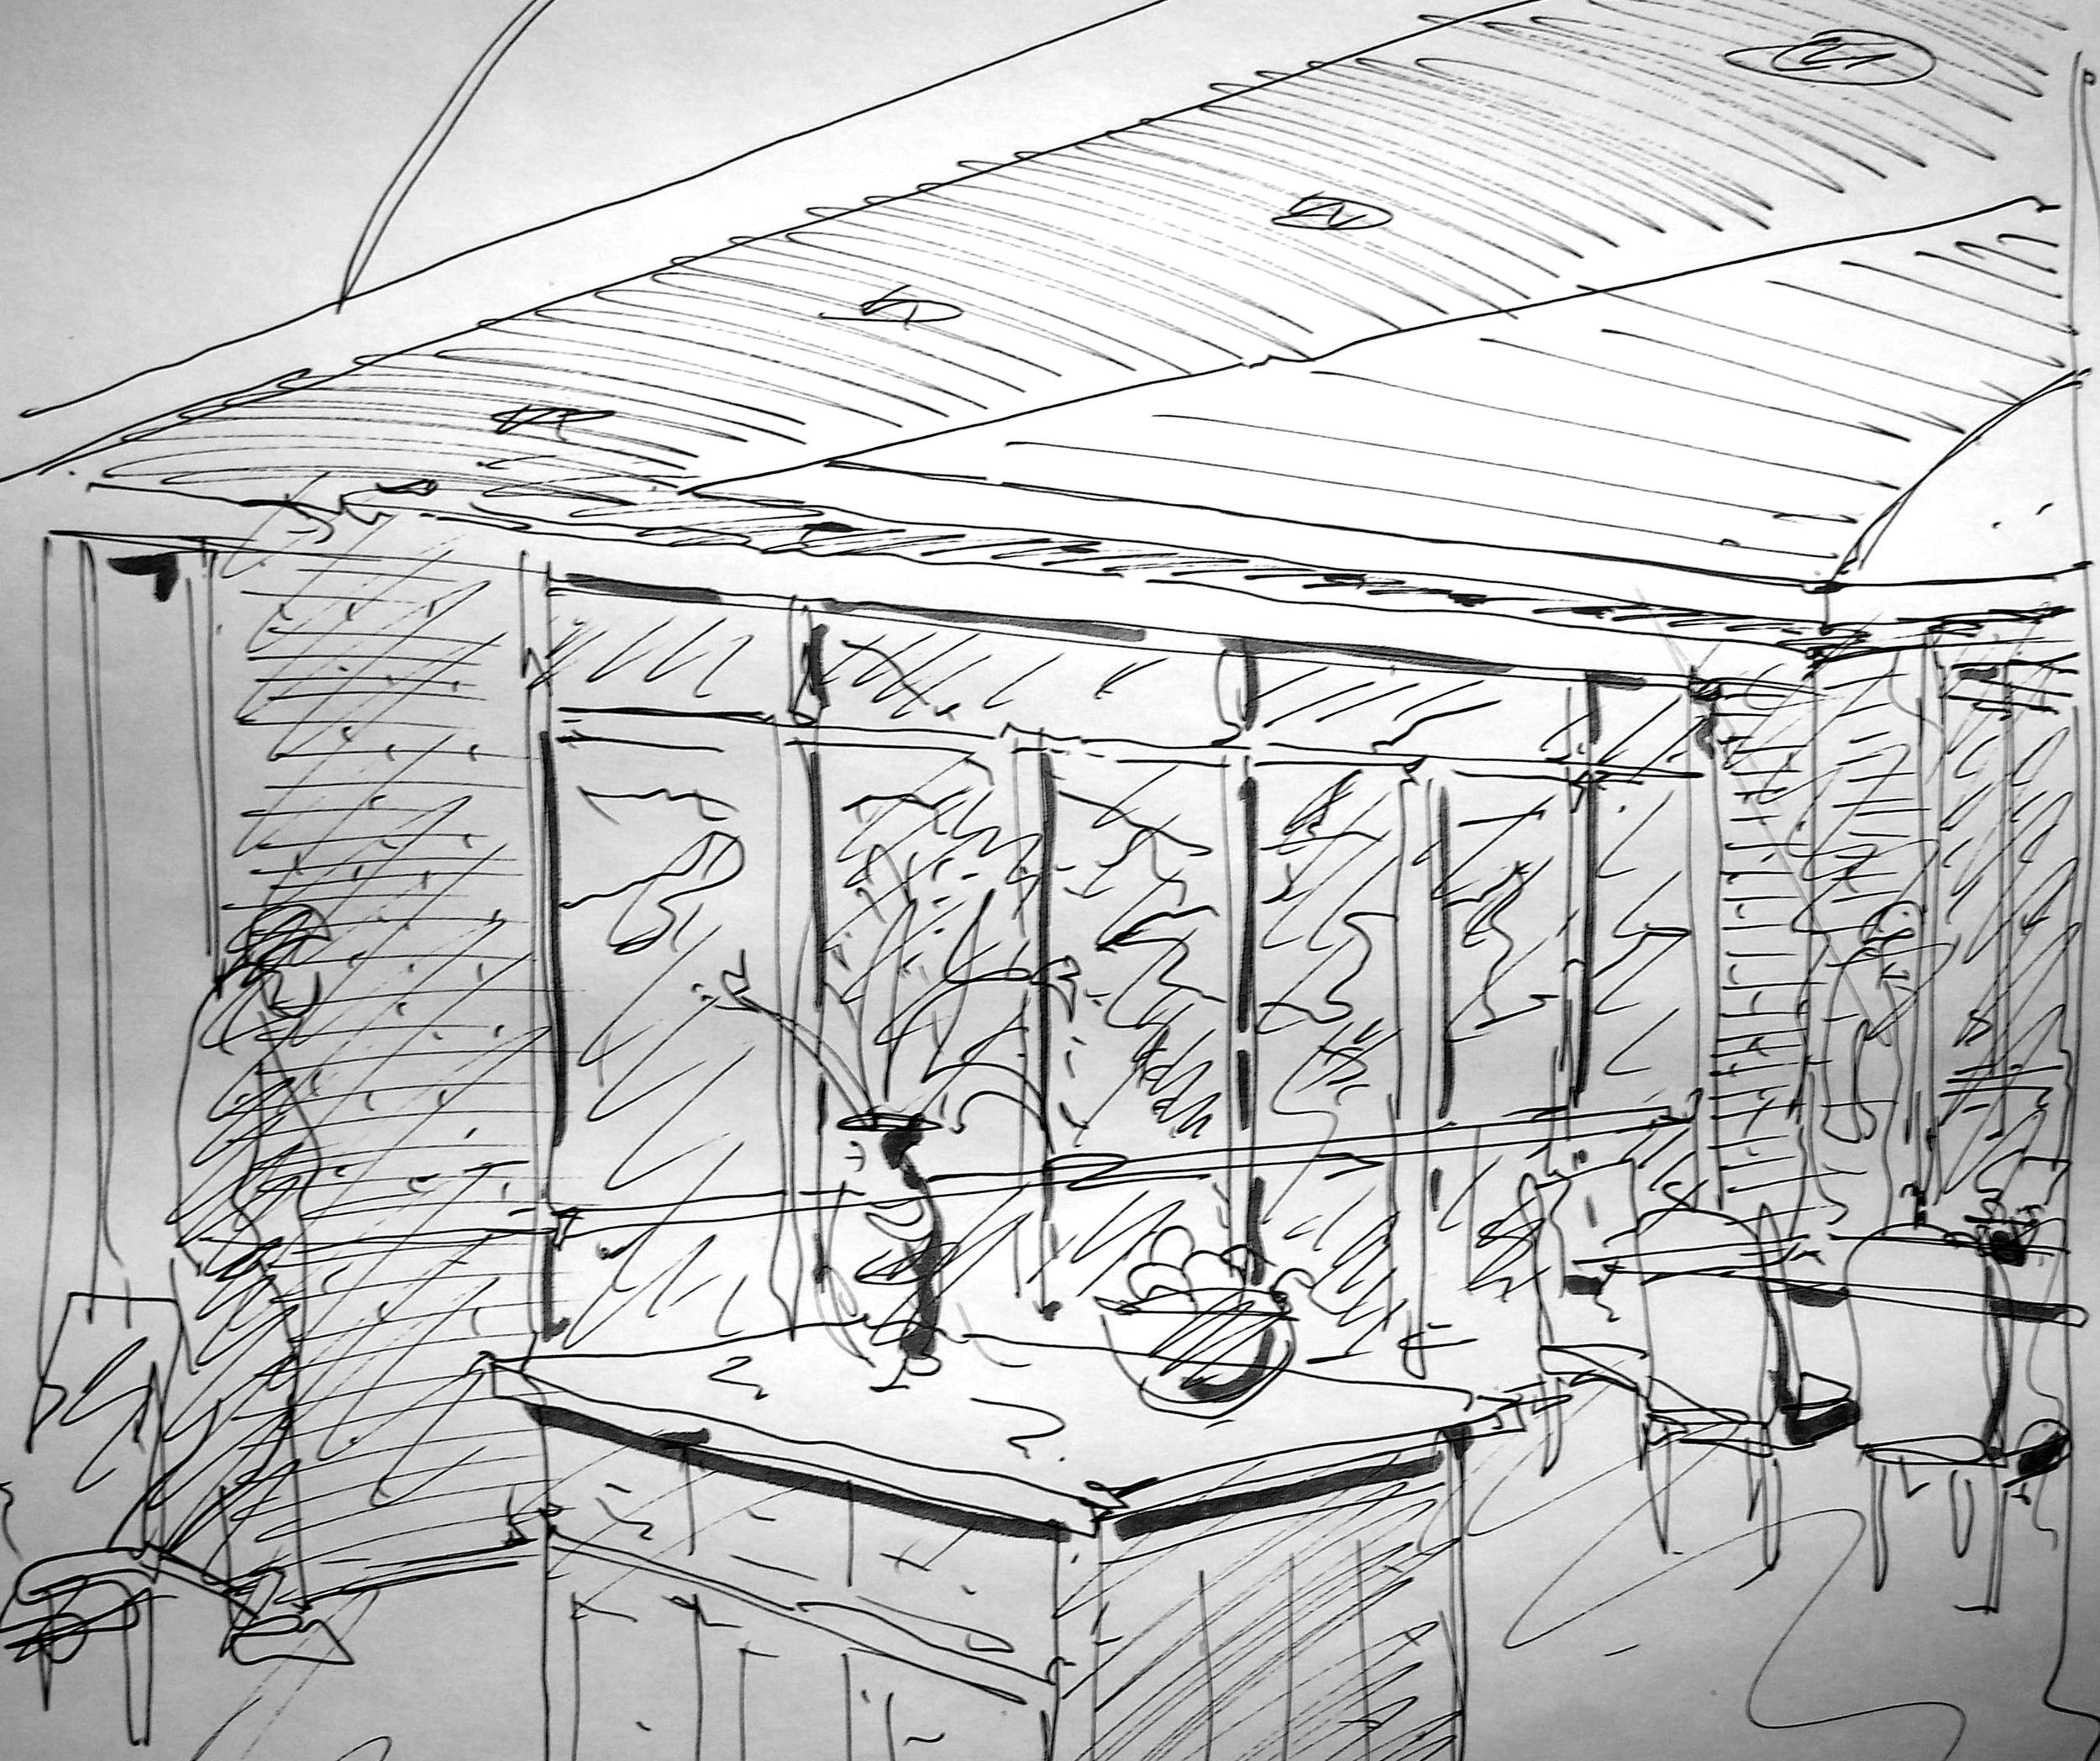 JC misc sketches 017.jpg